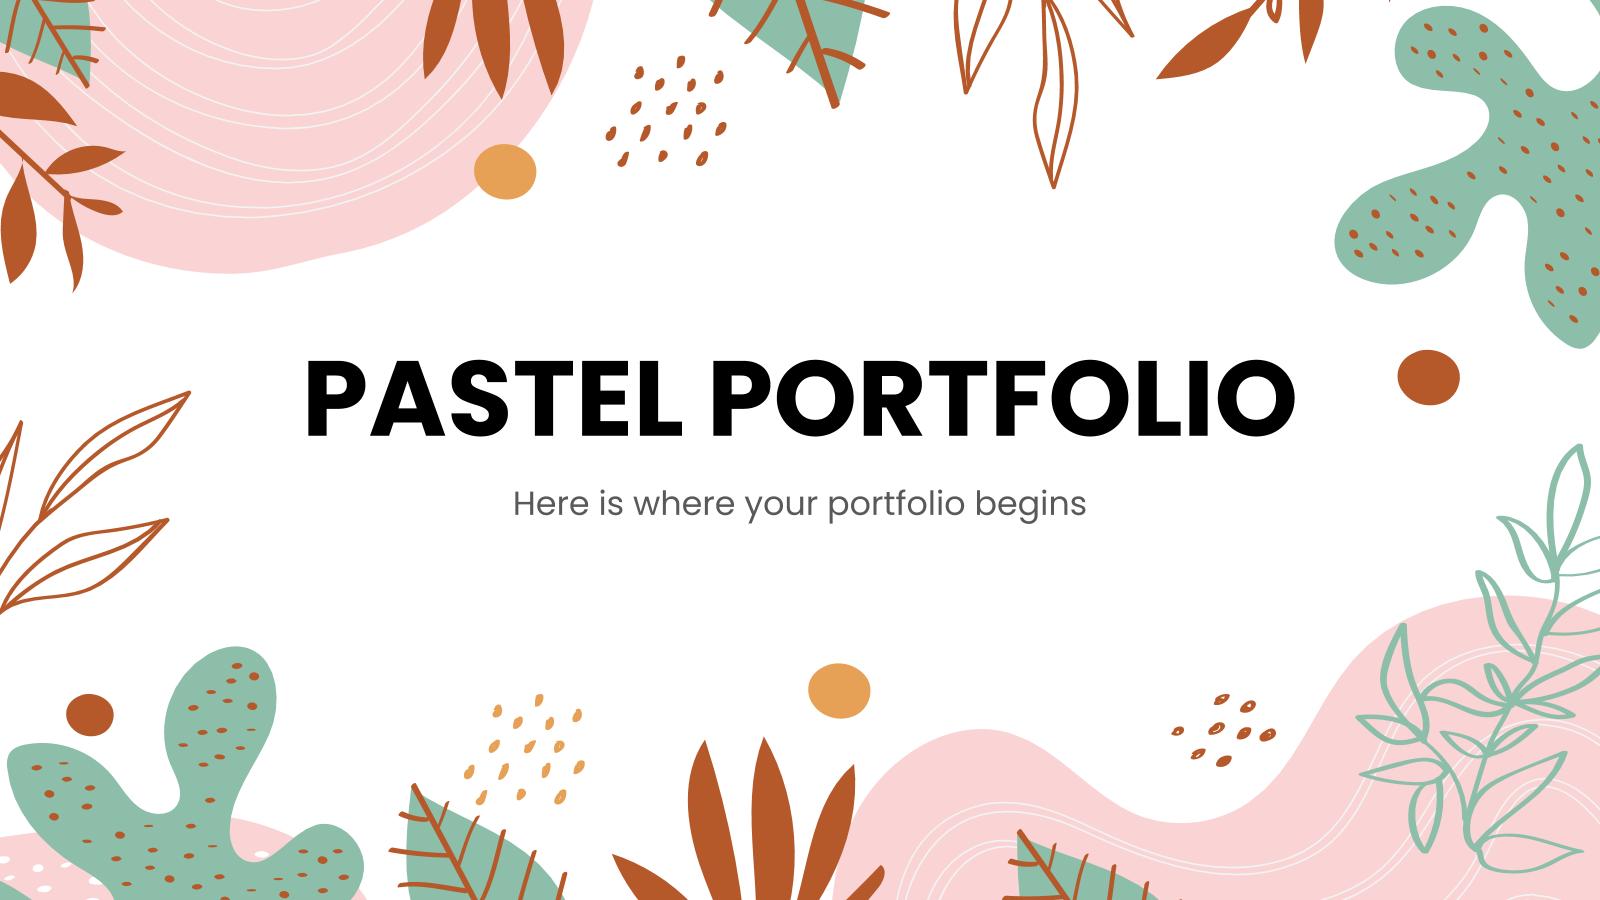 Portfolio pastel : Modèles de présentation